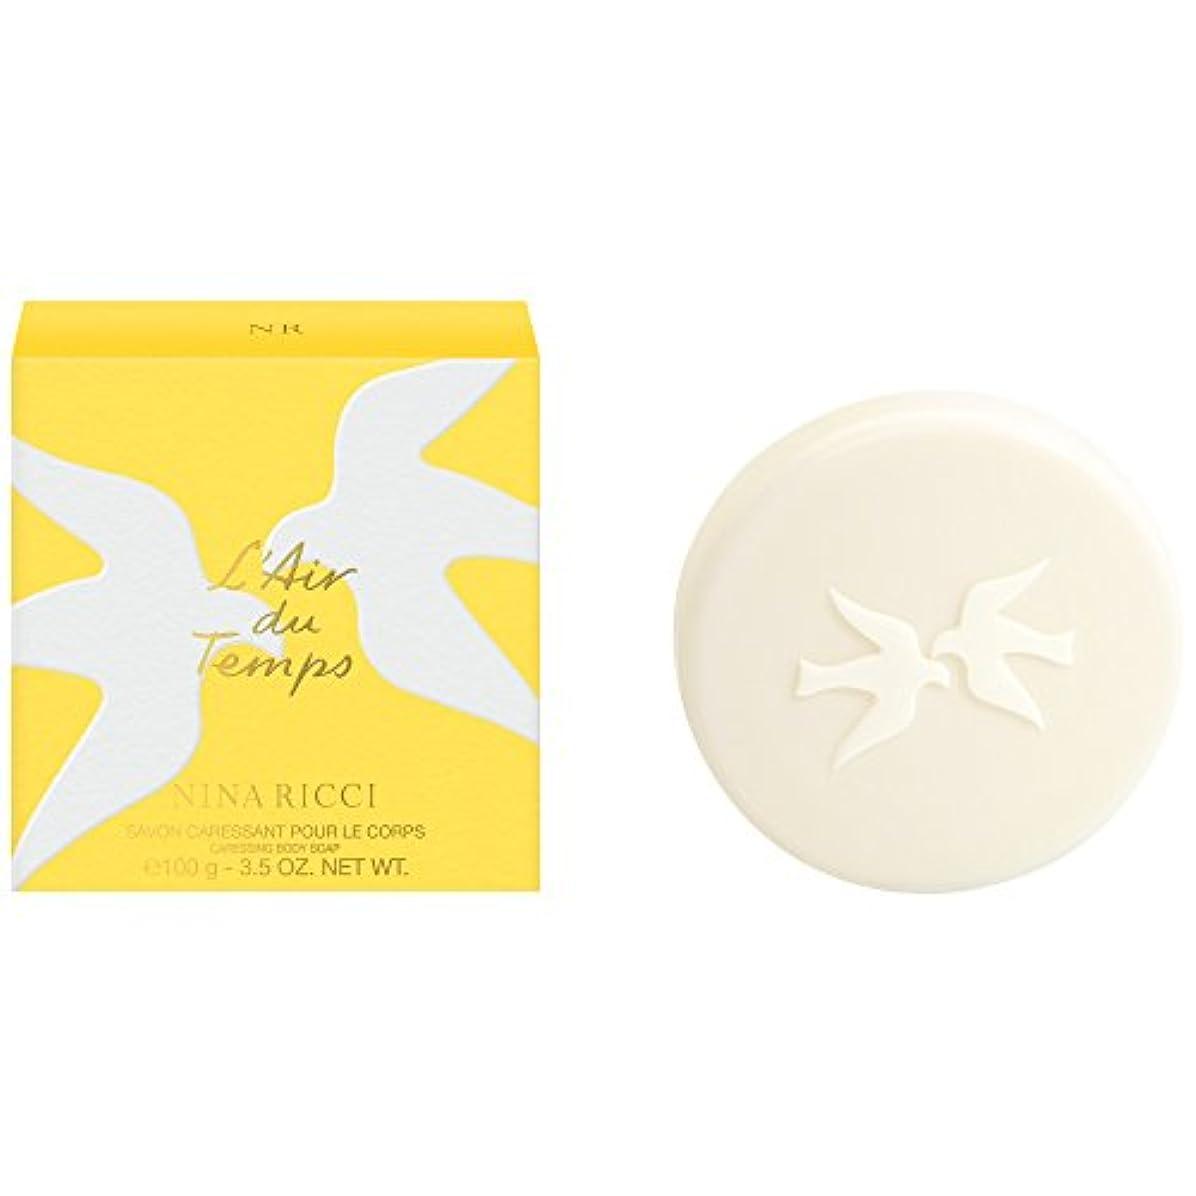 旅行代理店連隊縮れたニナリッチL'空気デュは石鹸の100グラムをタン (Nina Ricci) (x2) - Nina Ricci L'Air du Temps Soap 100g (Pack of 2) [並行輸入品]